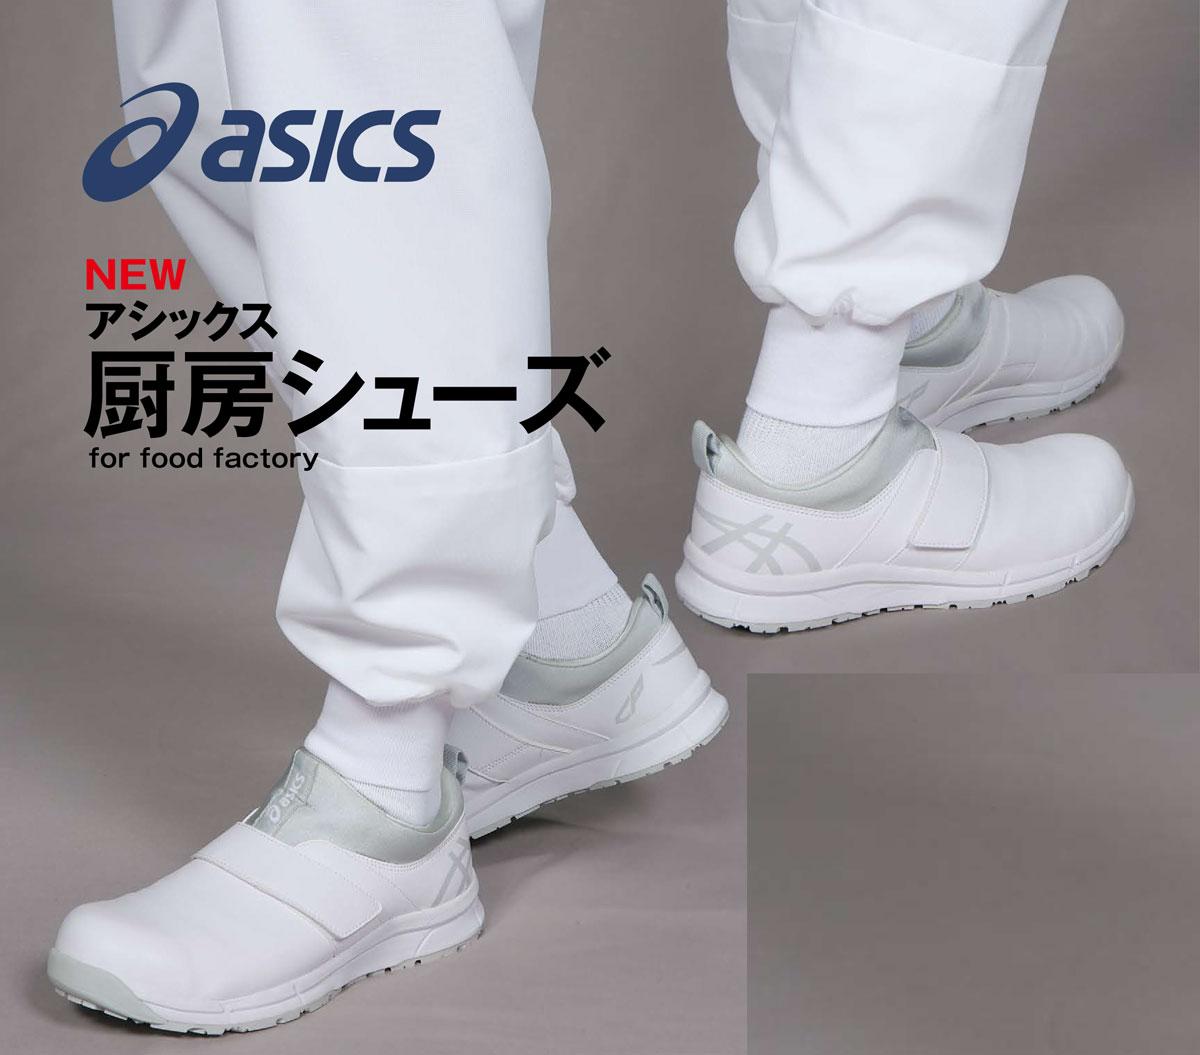 一日履いても疲れにくいアシックス コックシューズ 疲れにくい靴 滑りにくい靴